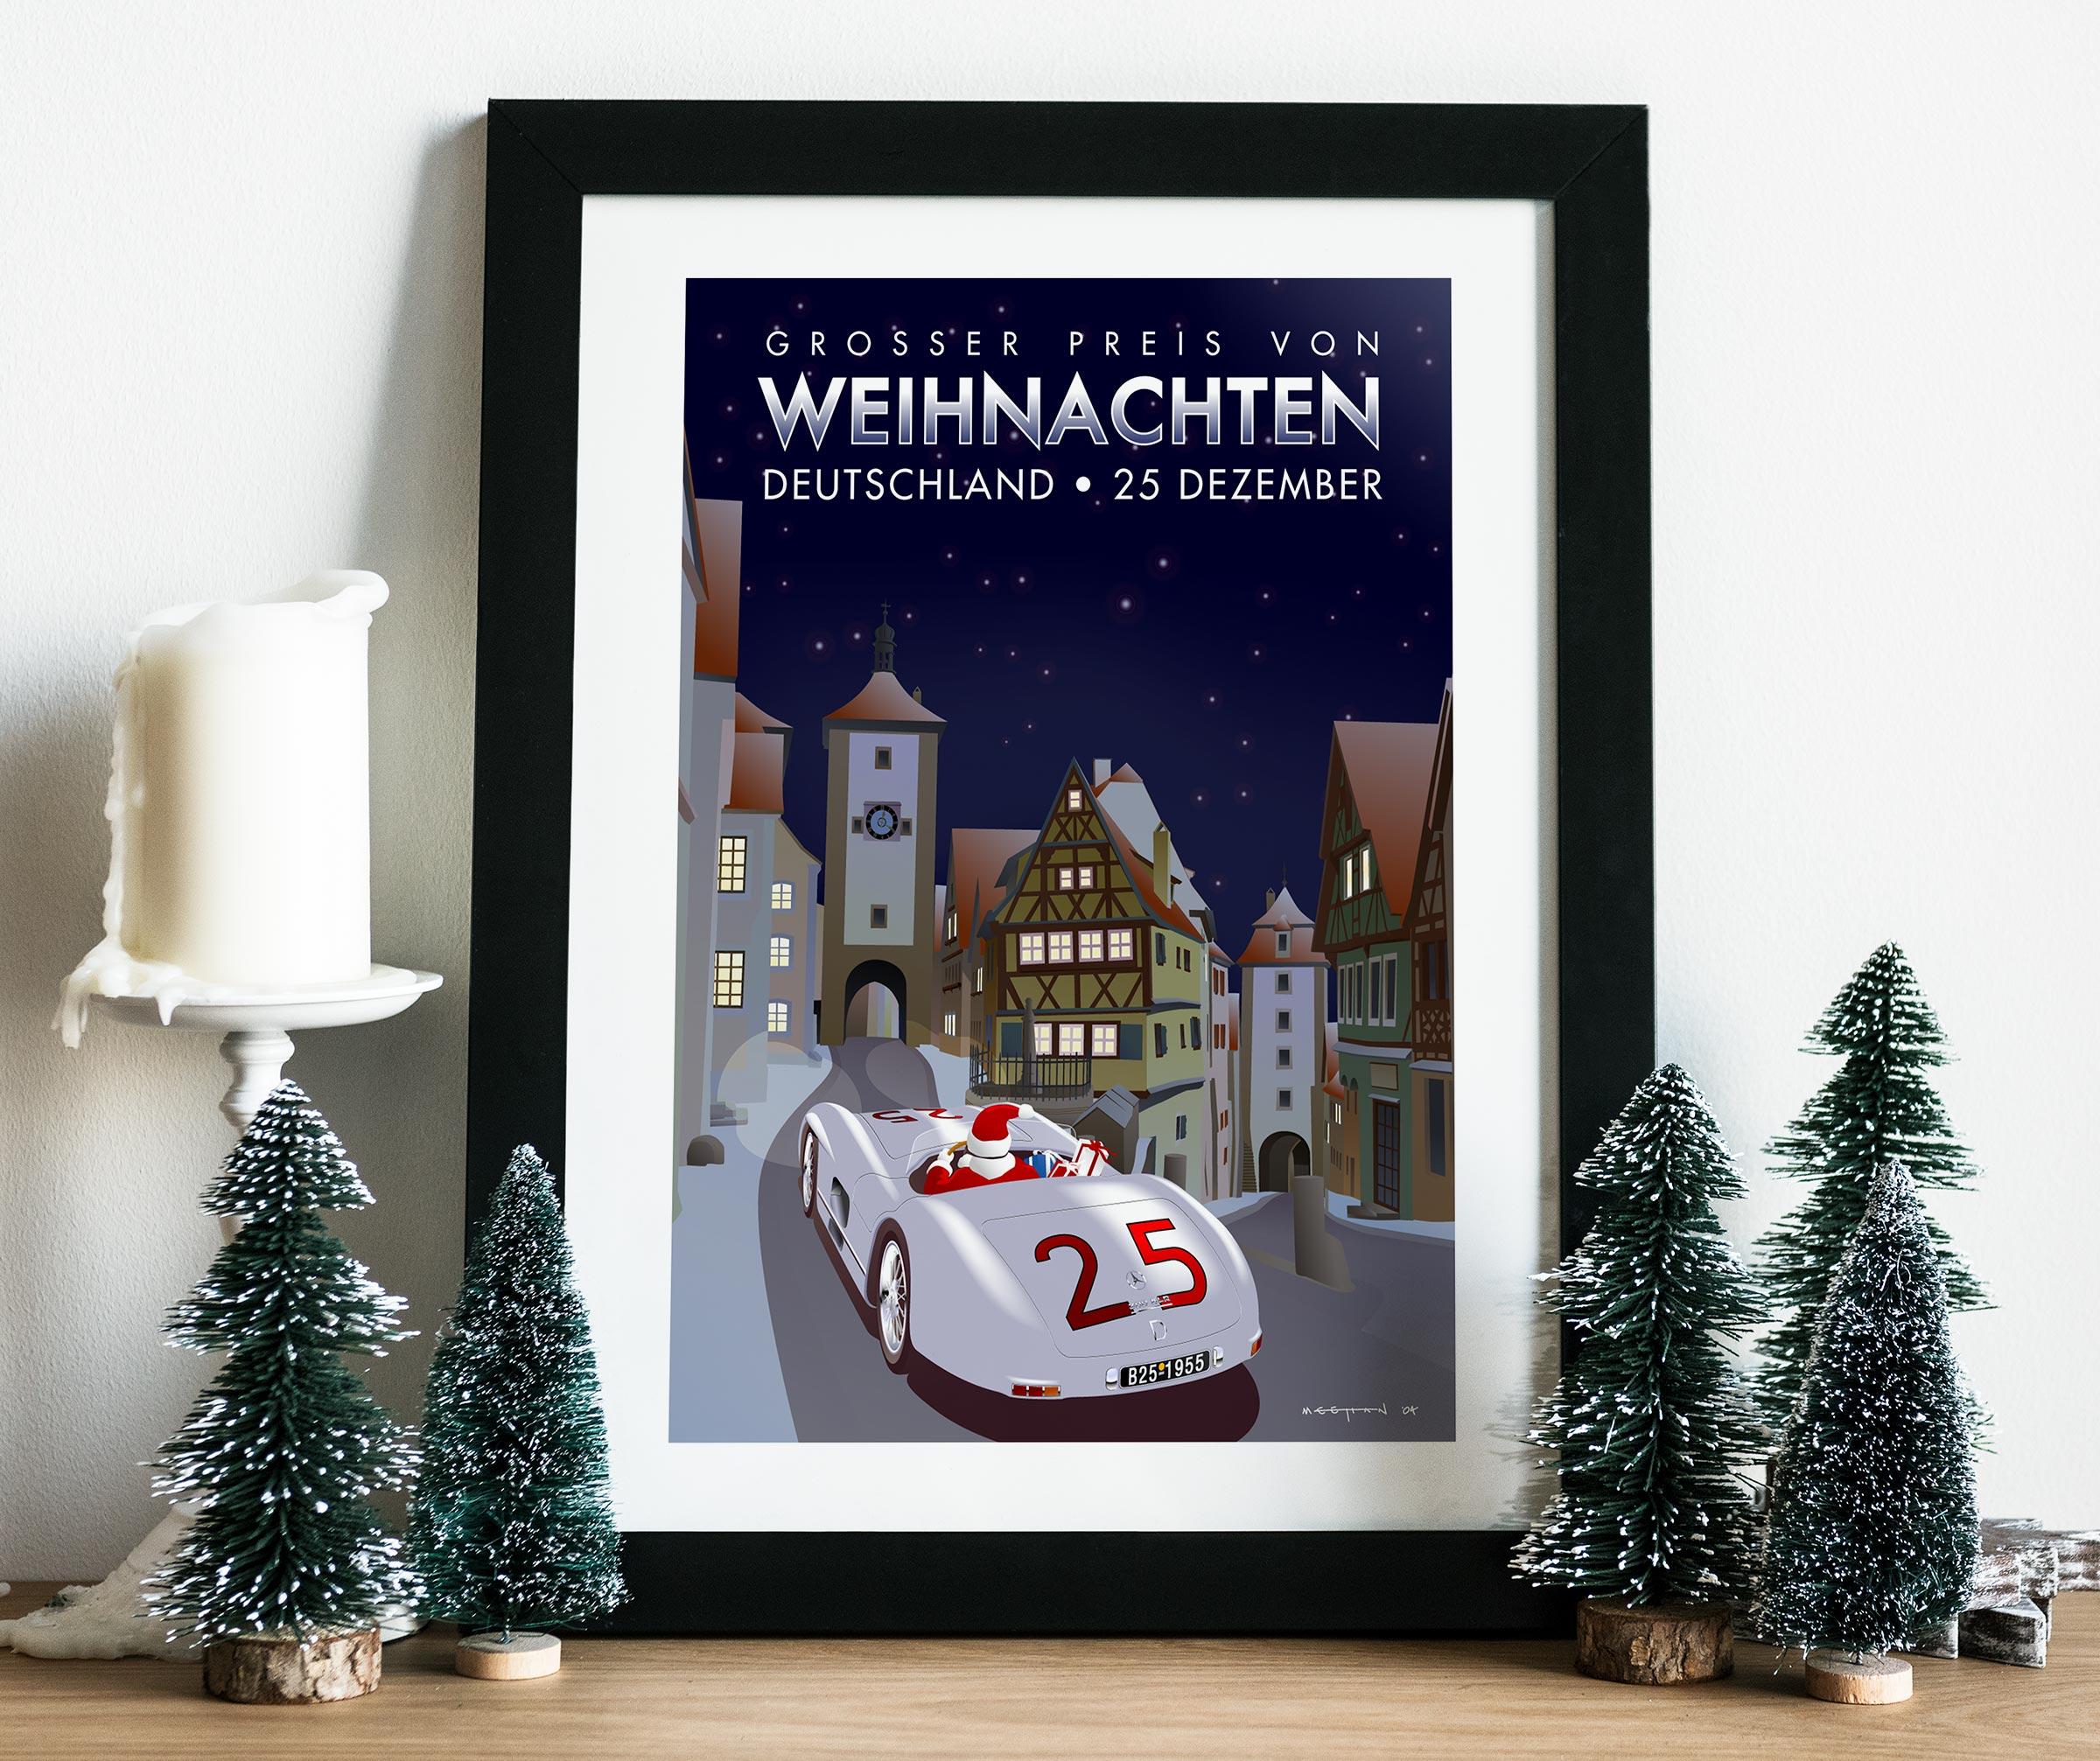 2004 Christmas Poster mockup